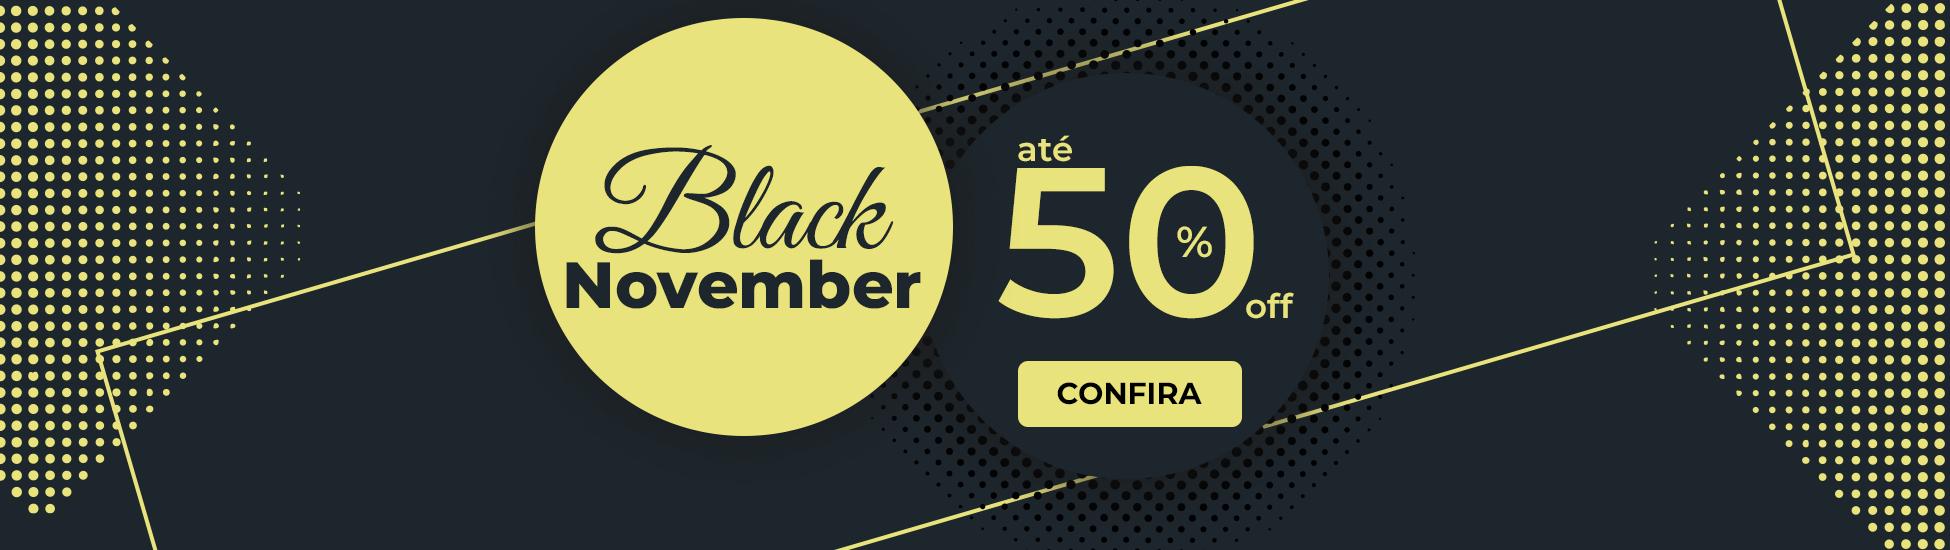 Banner Black November